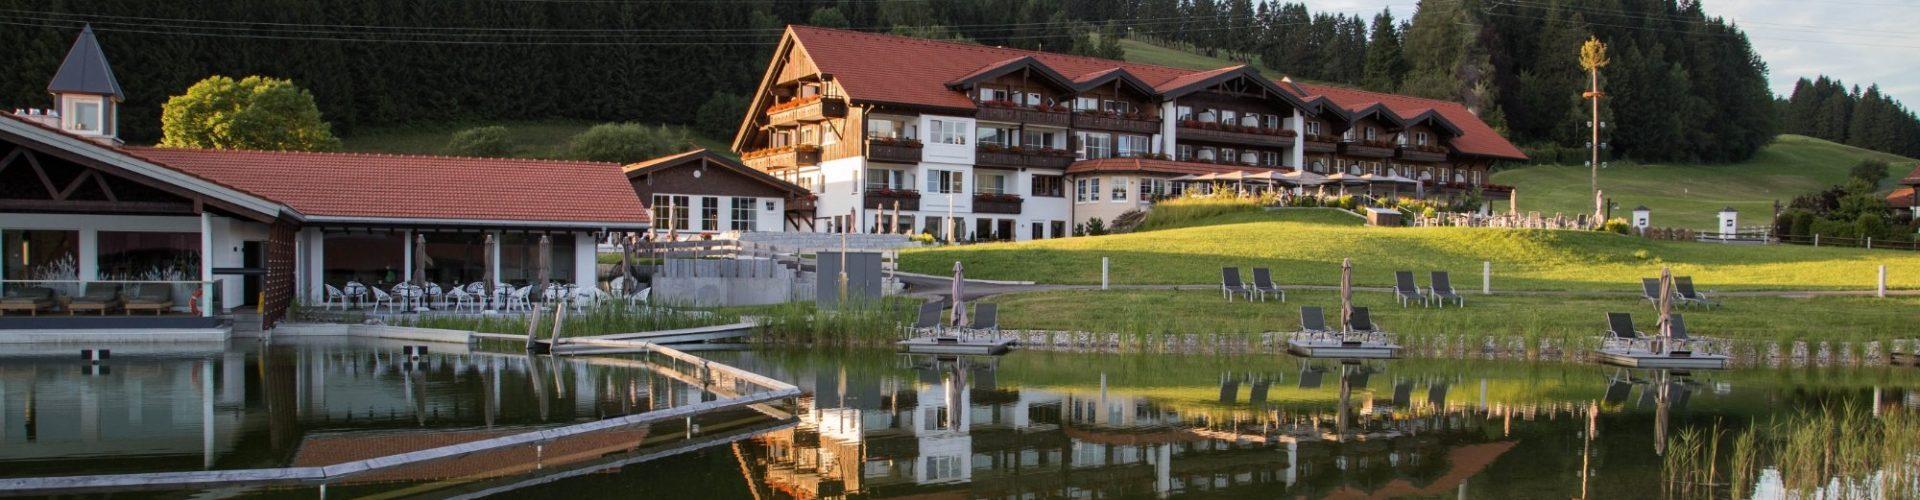 Haus am See Haubers Alpenresort, Strategie-Konzept, Entwicklung von Strategie, Controlling von Strategie